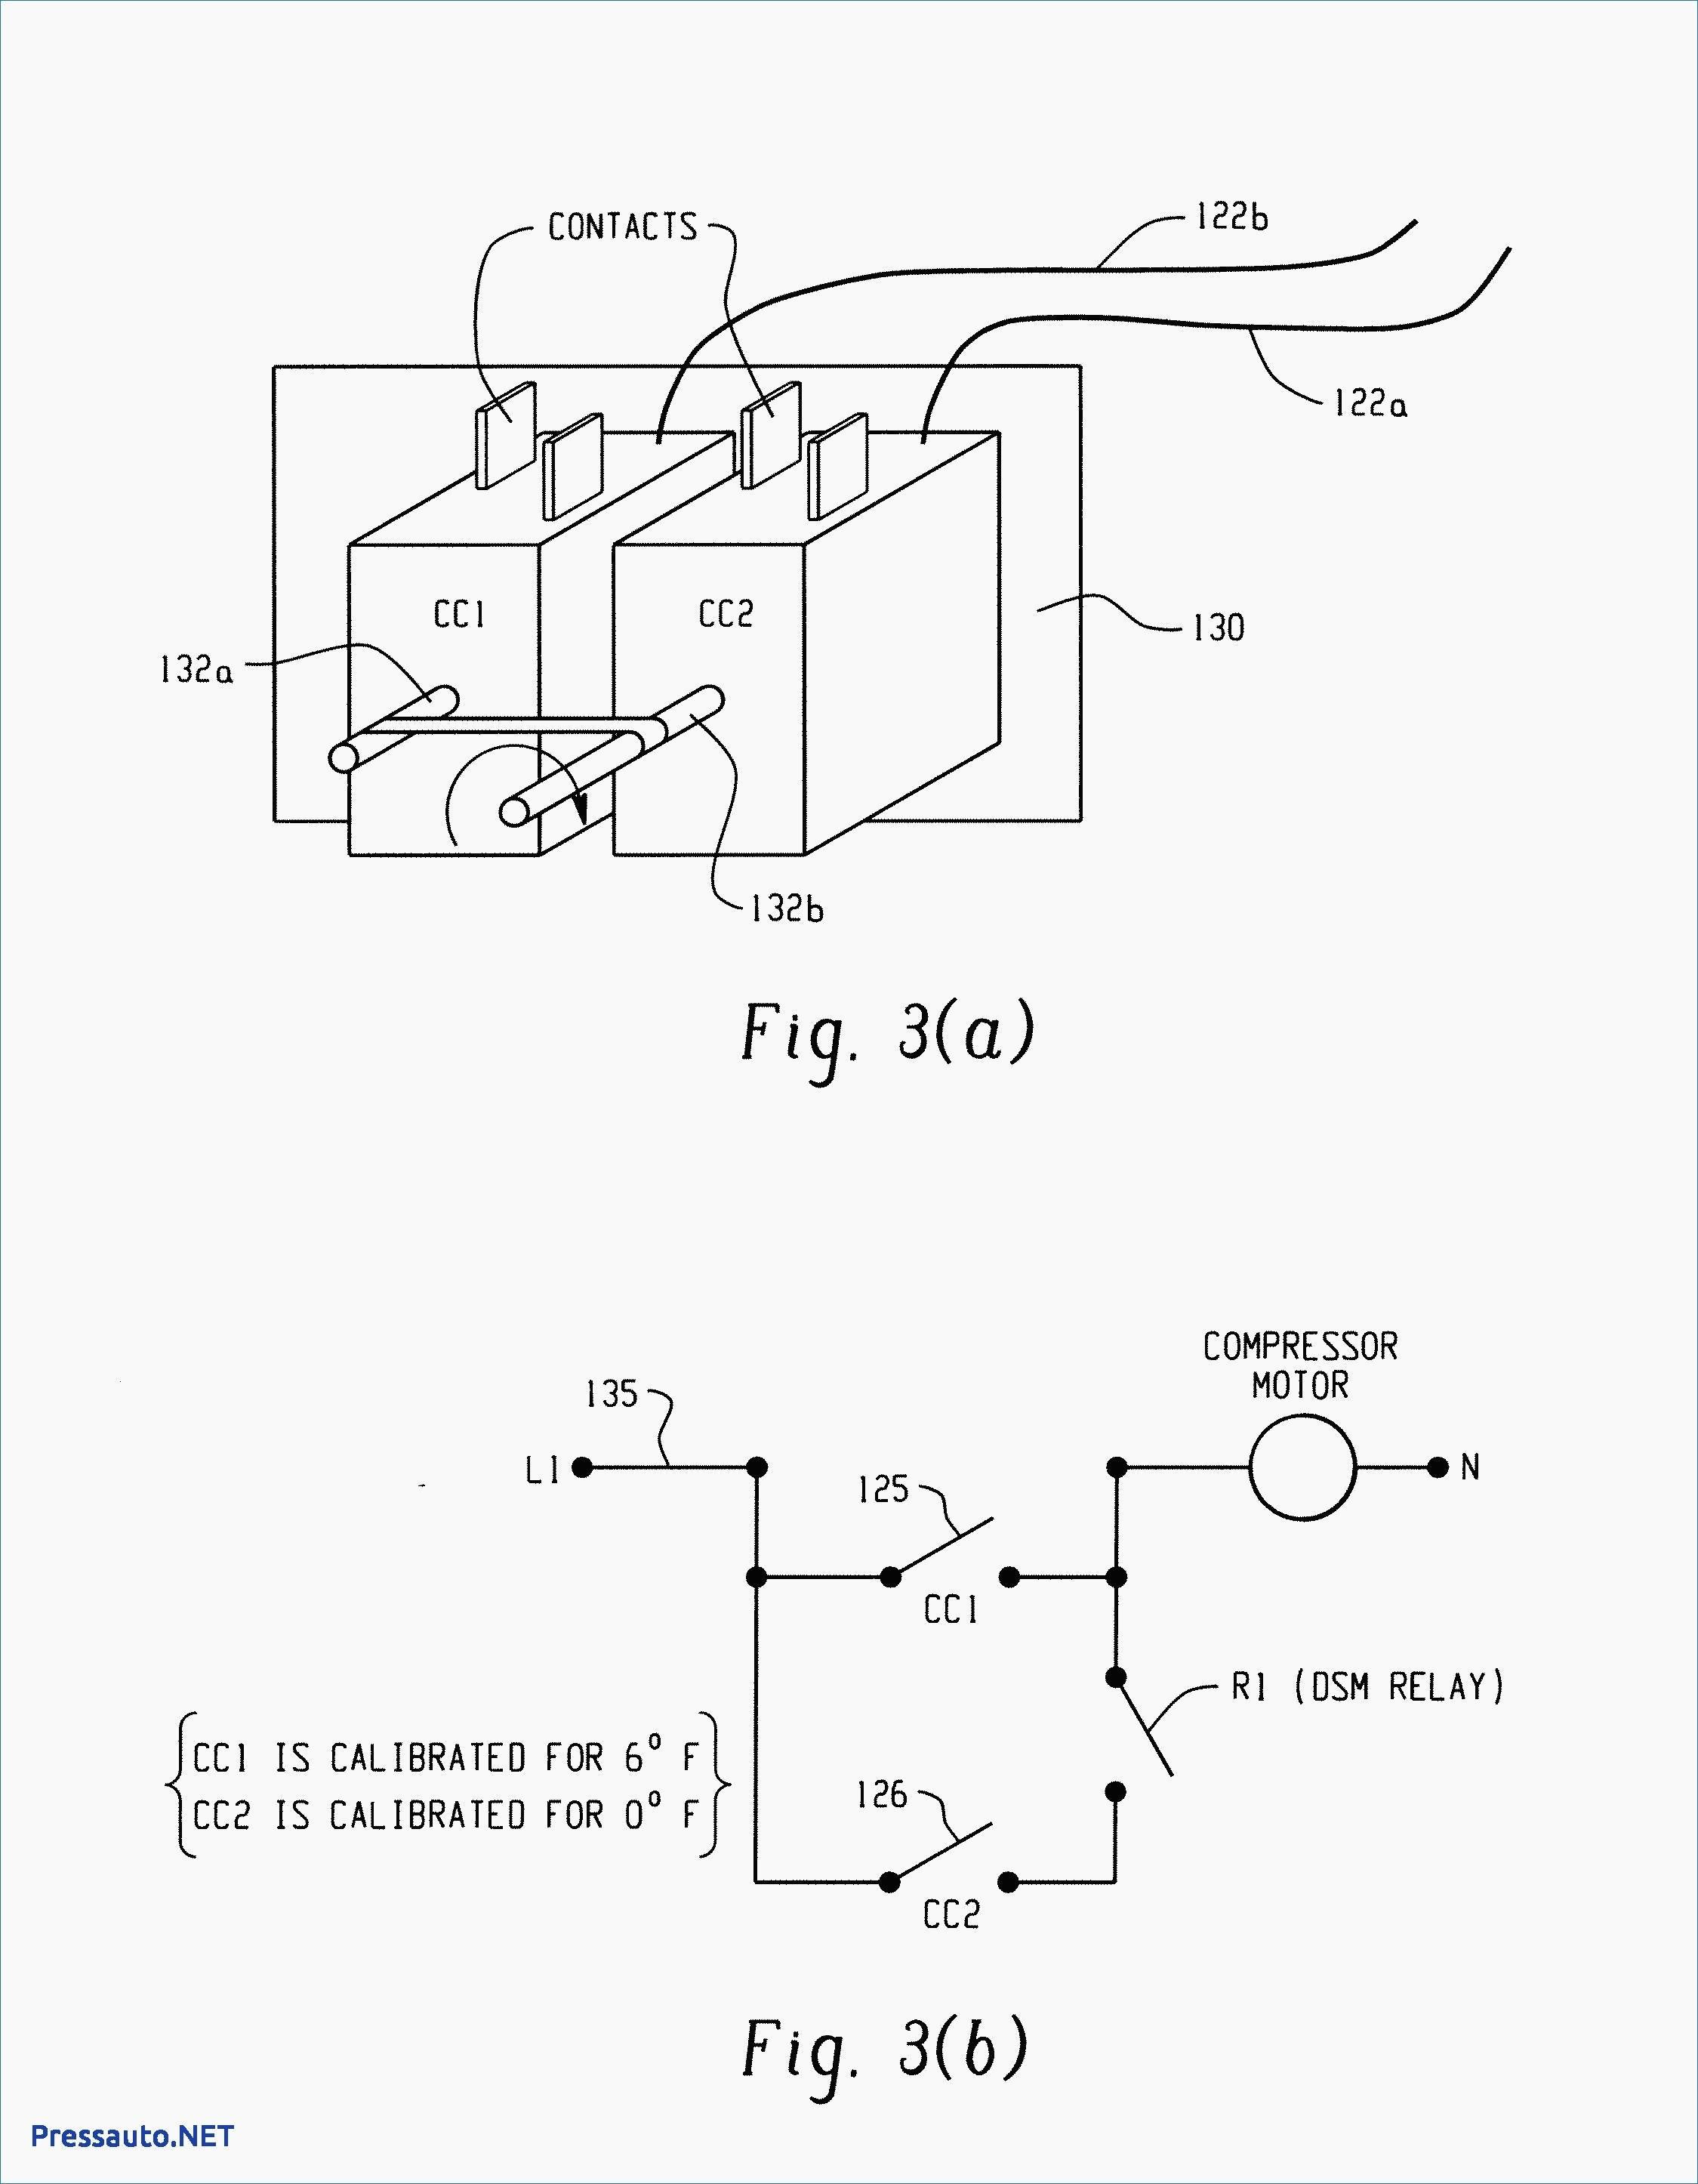 4 Wire Rtd Wiring Diagram 3 Wire Rtd Wiring Diagram Recent 3 Wire Rtd Wiring Diagram List 20 Of 4 Wire Rtd Wiring Diagram